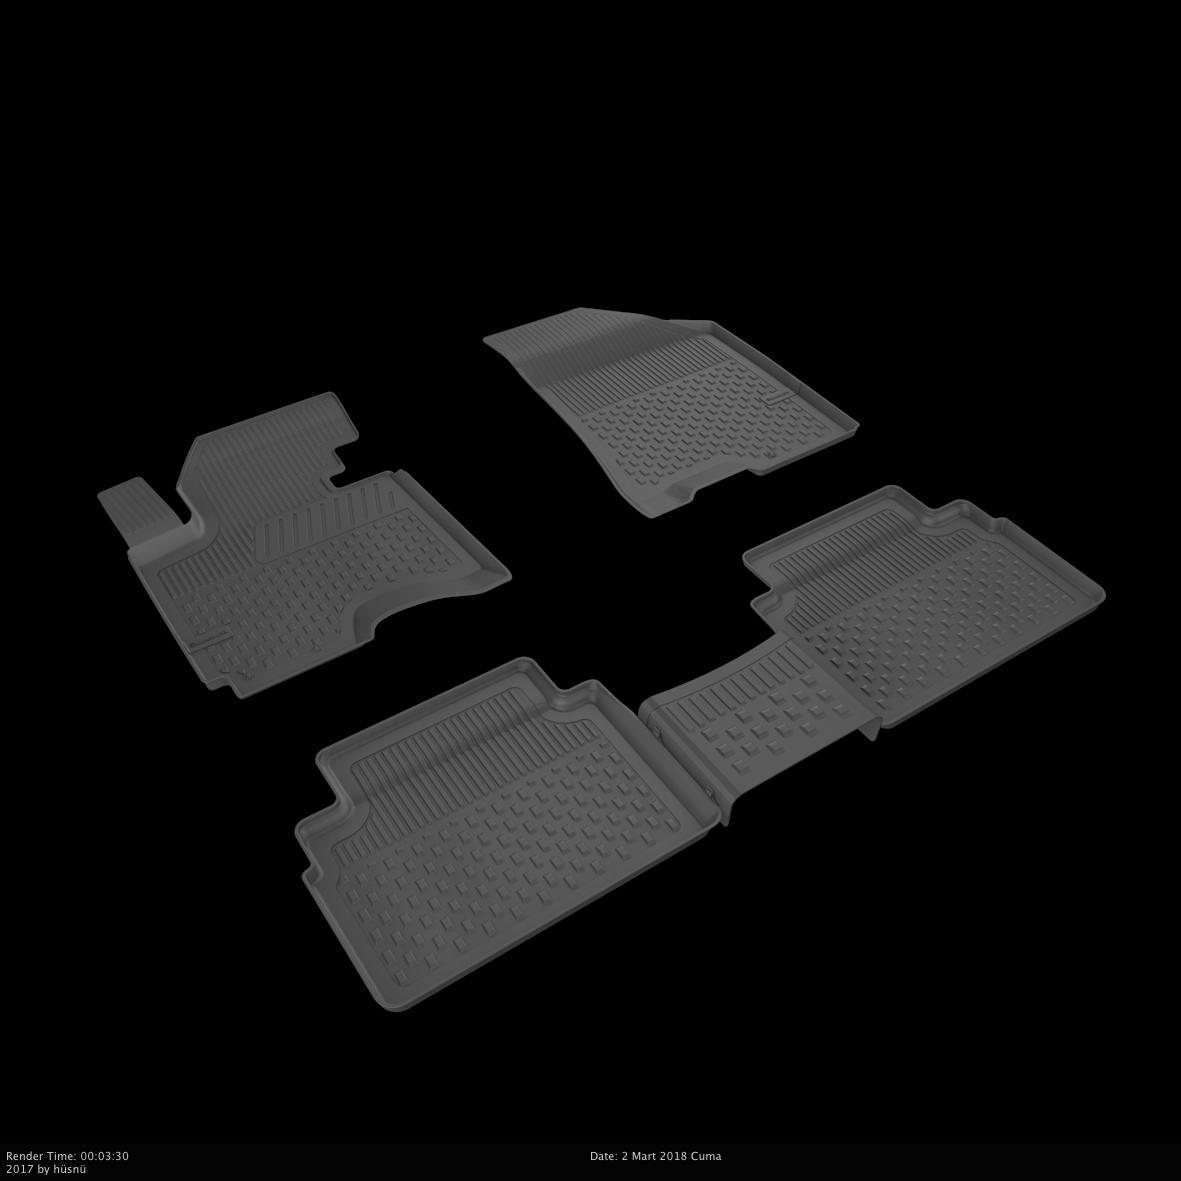 Автомобильные коврики в салон SAHLER 4D для HYUNDAI IX35 2010-2015 HYU-03